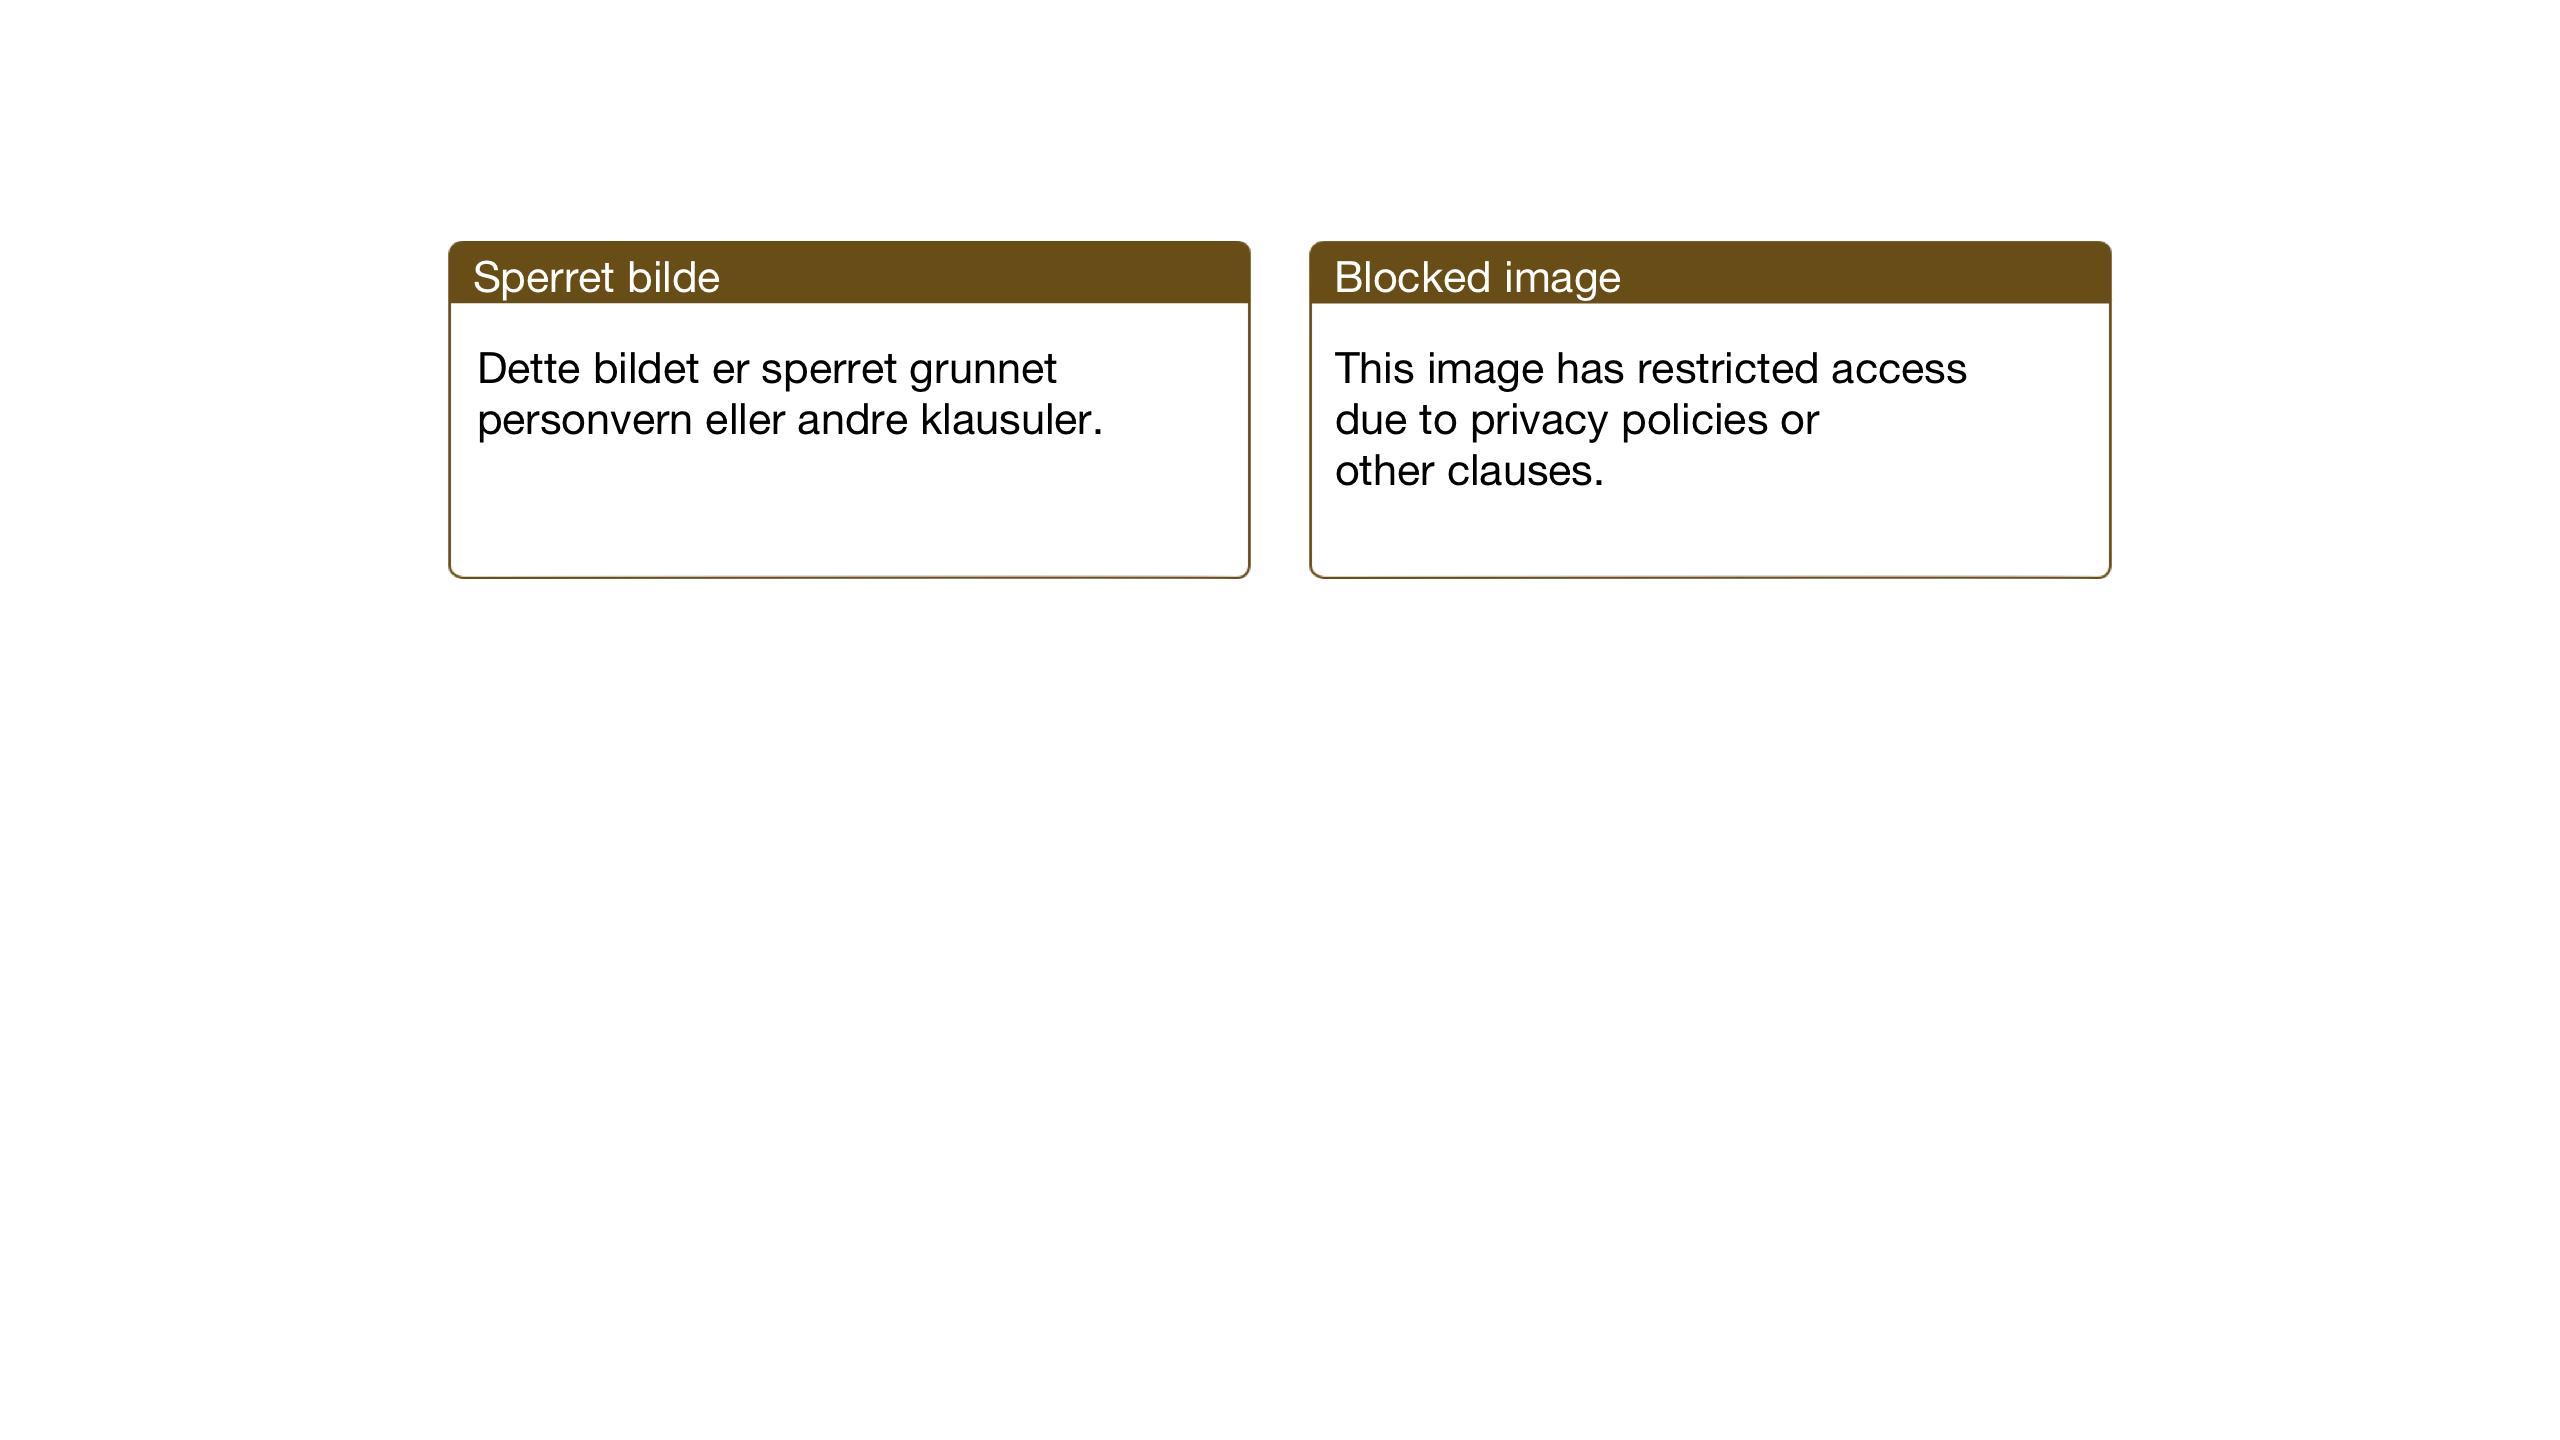 SAT, Ministerialprotokoller, klokkerbøker og fødselsregistre - Sør-Trøndelag, 638/L0569: Klokkerbok nr. 638C01, 1923-1961, s. 97